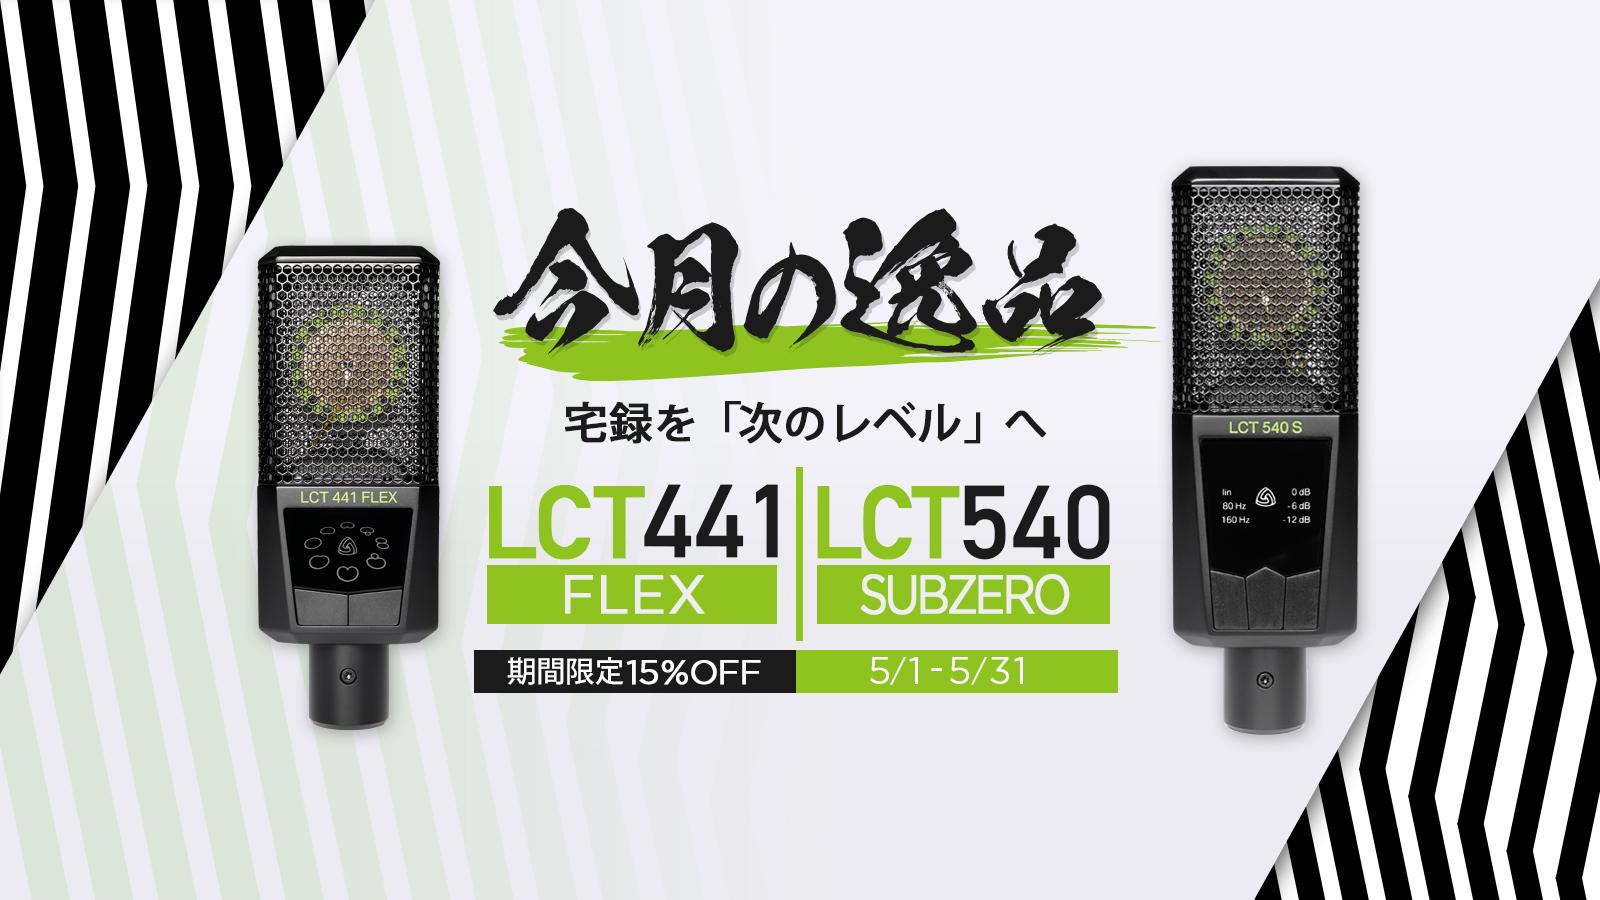 今月の逸品 – 宅録を「次のレベル」へ LCT 540 SUBZERO & LCT 441 FLEX を特別価格で